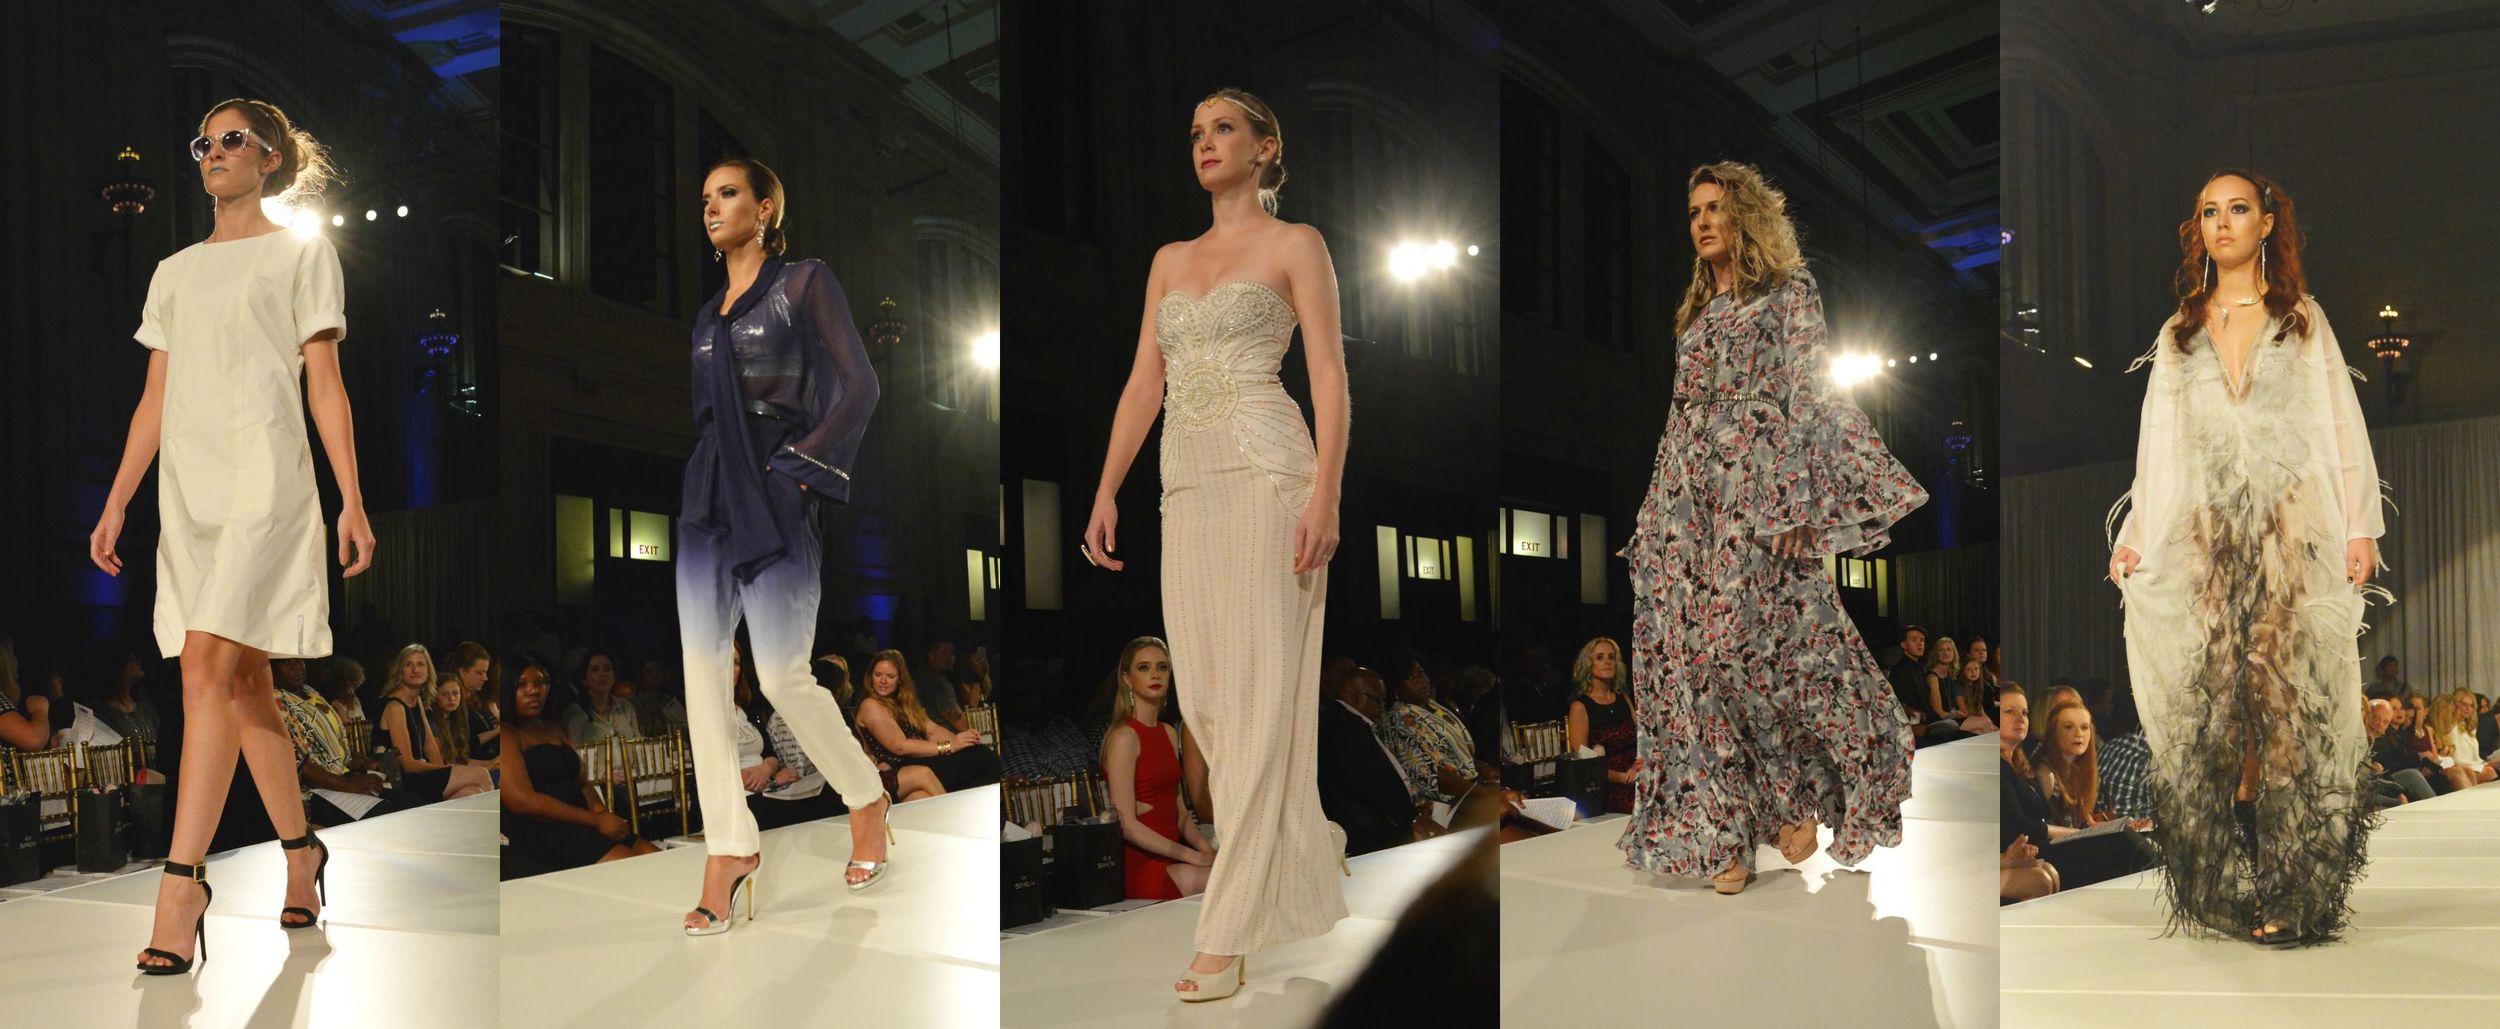 Kansas City Fashion Week favorites